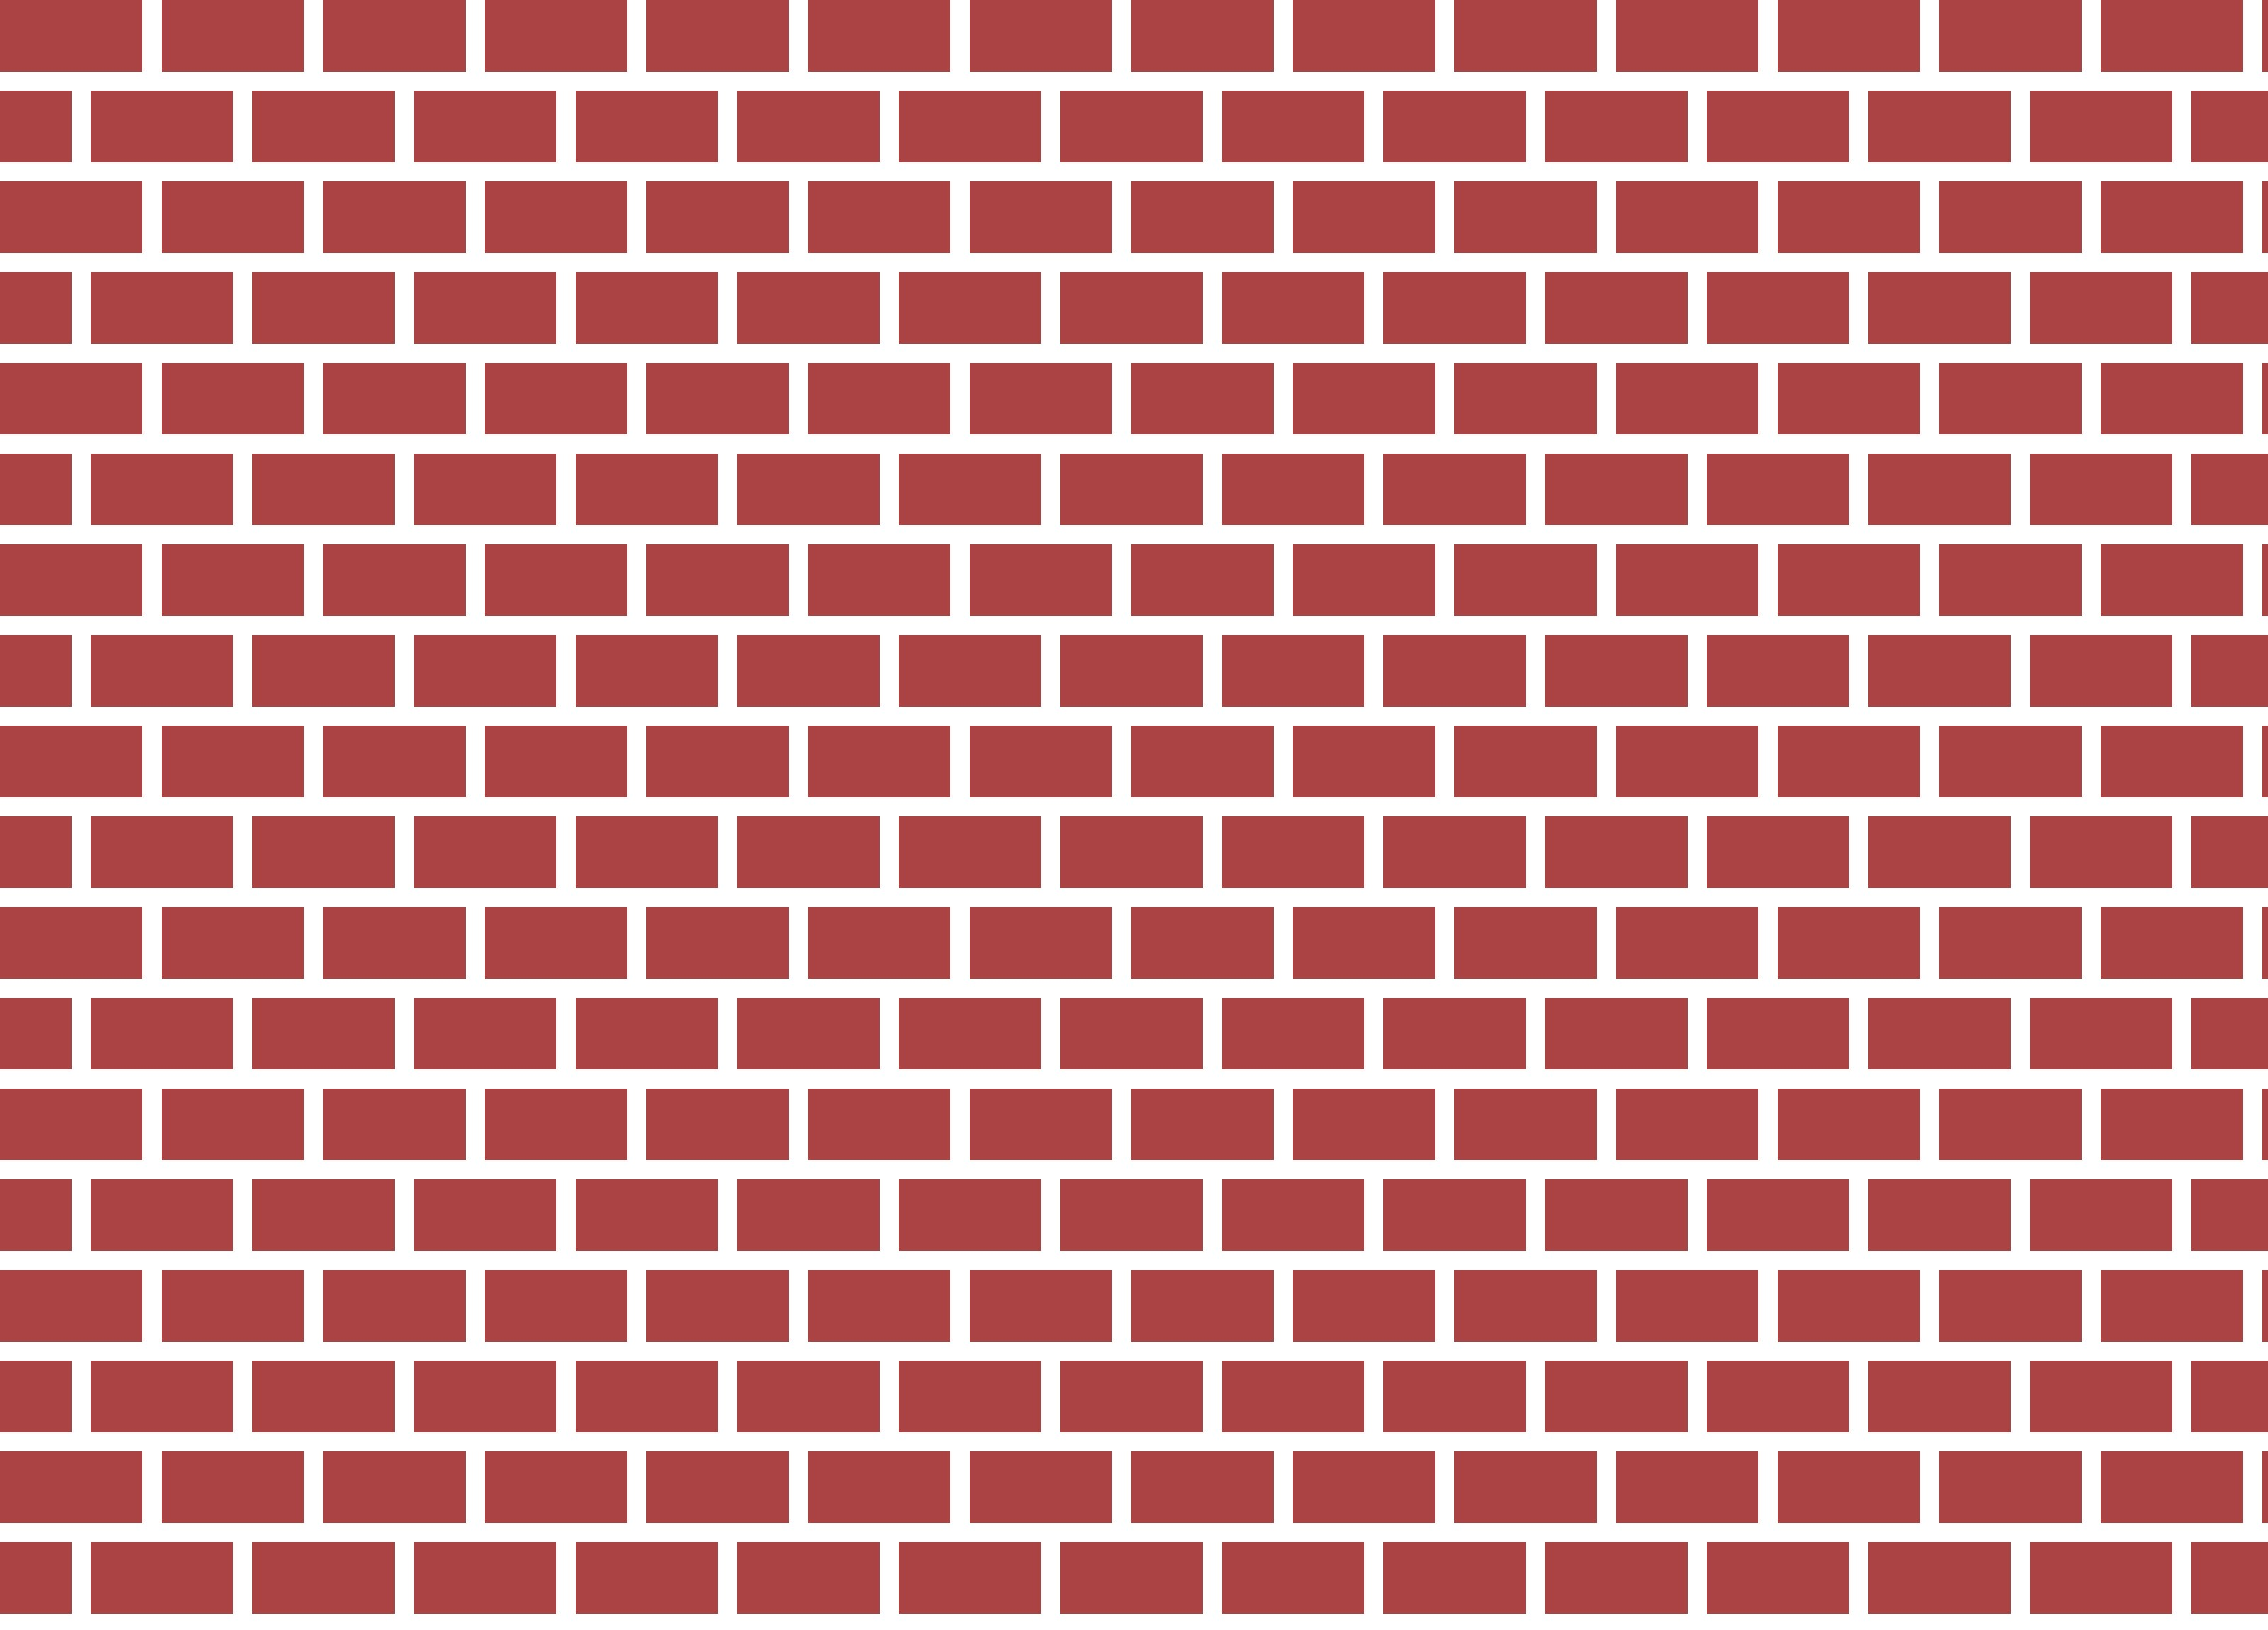 Clipart brick wall 5 » Clipart Portal.